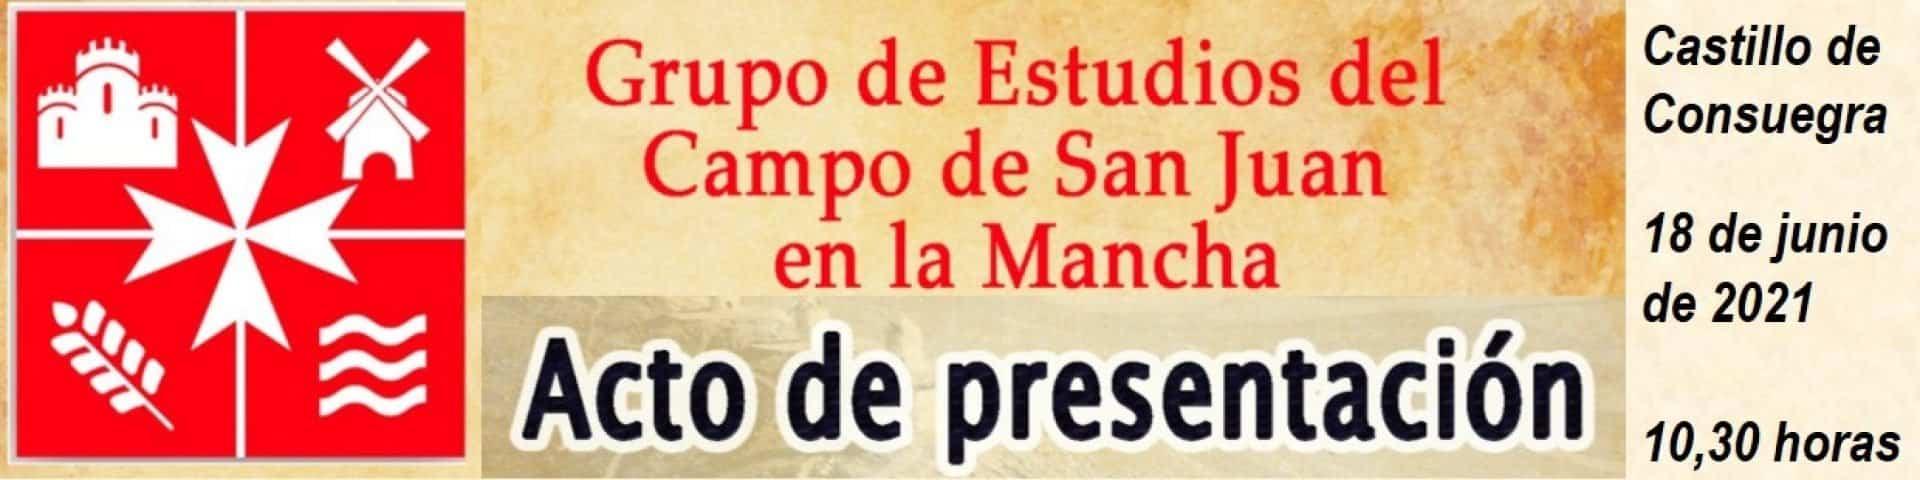 Presentación oficial del Grupo de Estudios del Campo de San Juan 3